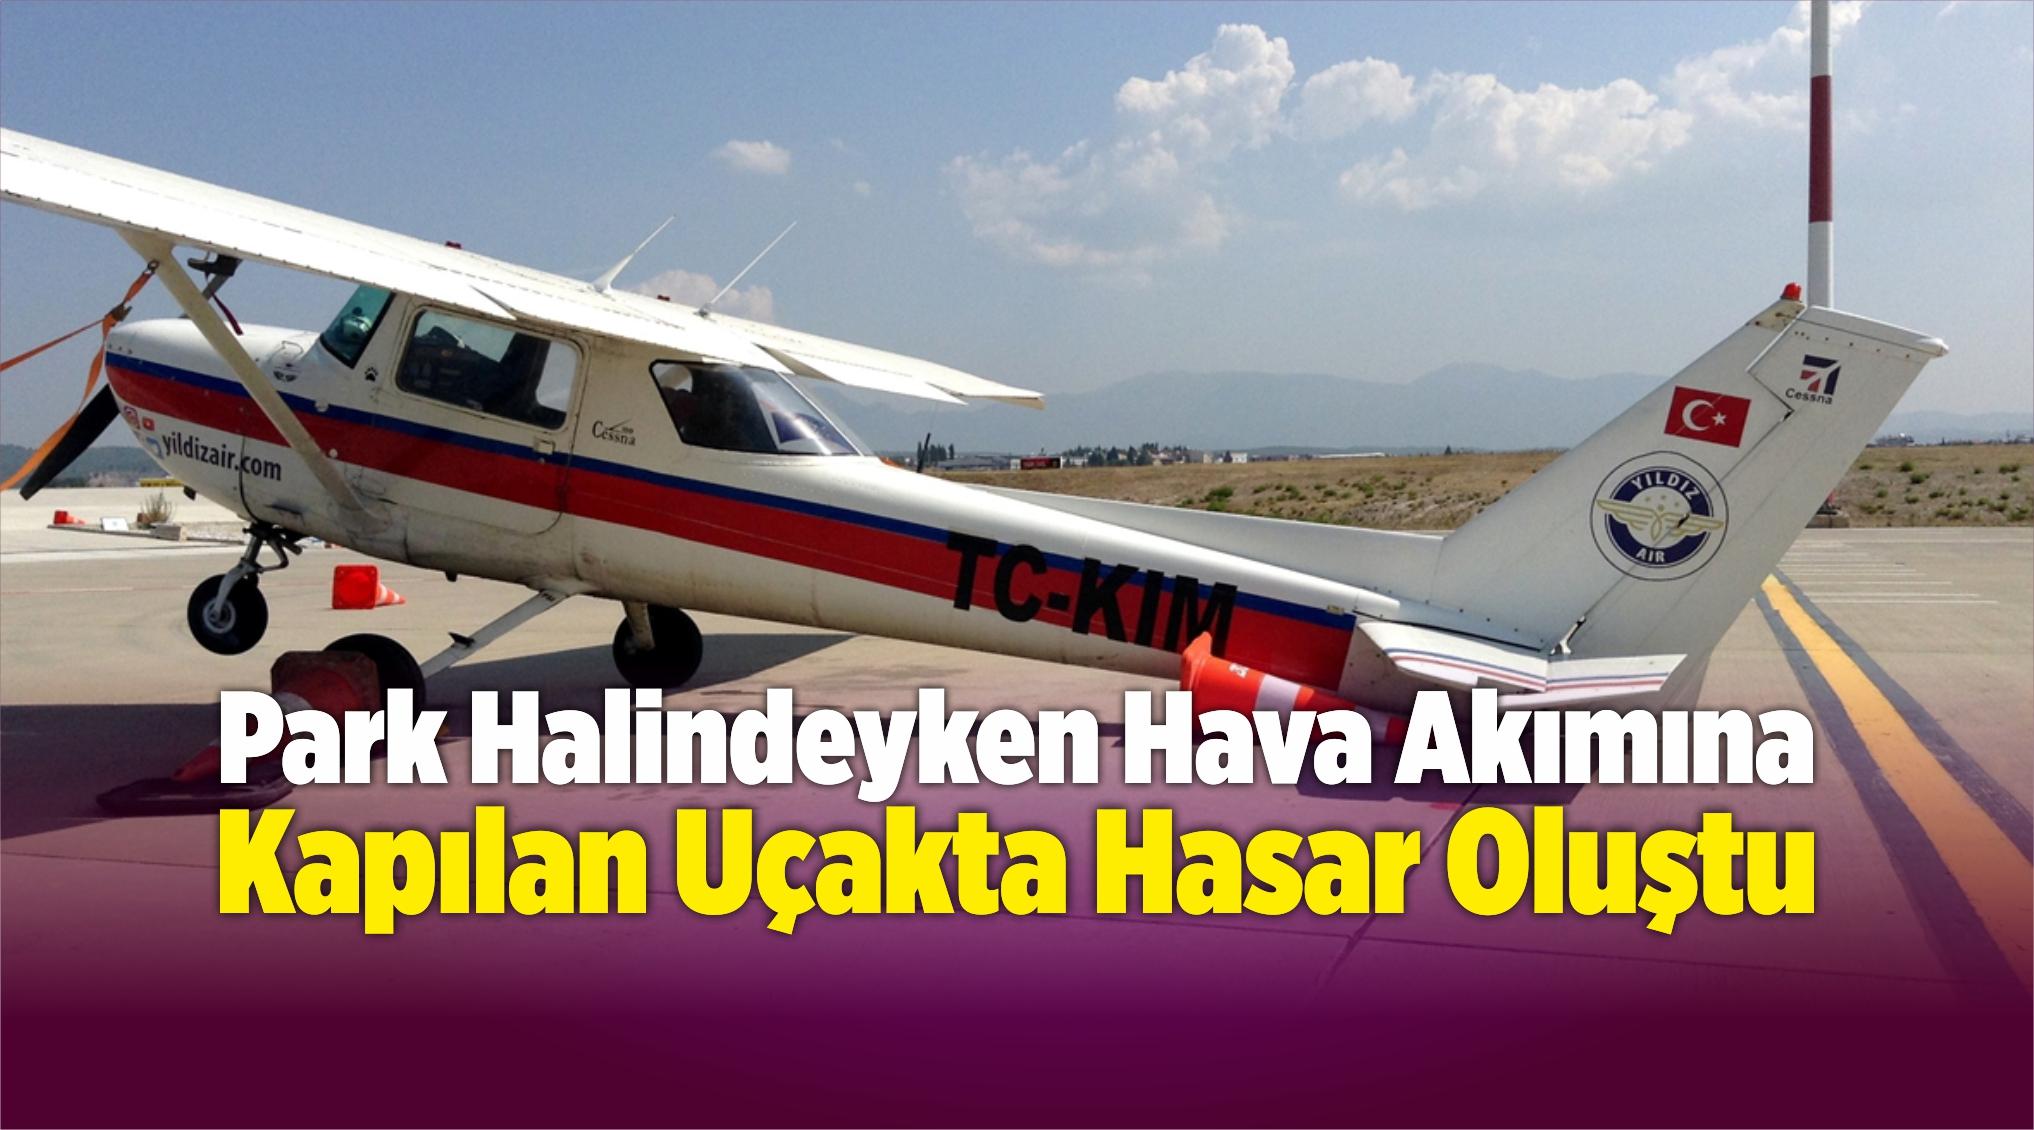 Park Halindeyken Hava Akımına Kapılan Uçakta Hasar Oluştu